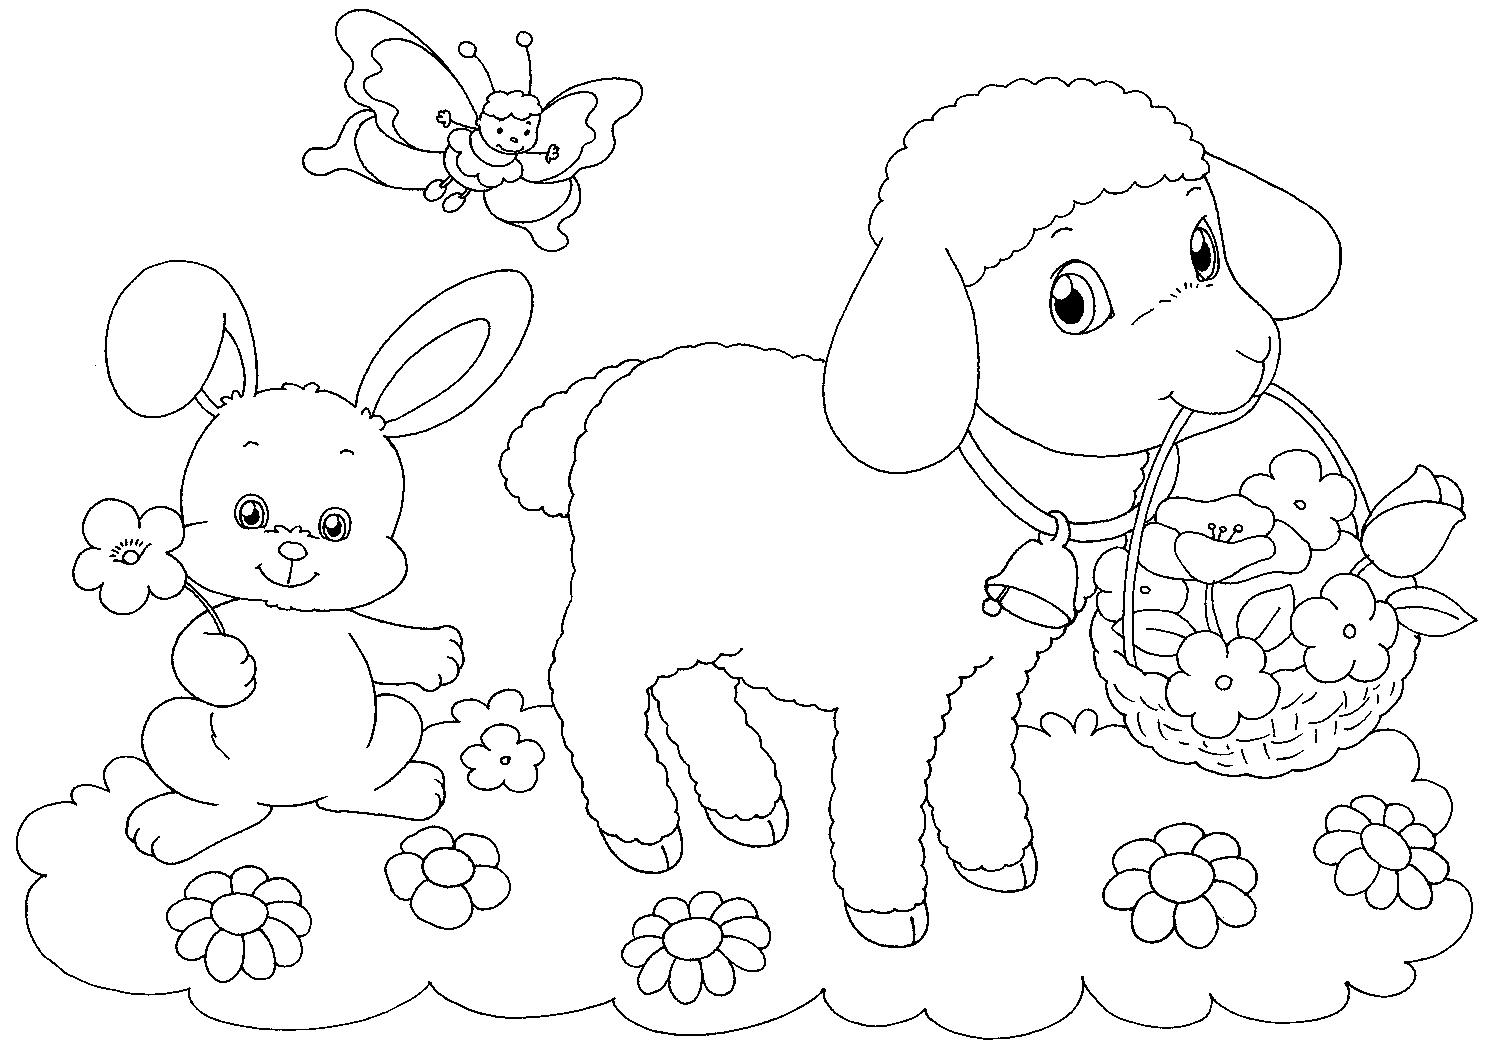 Dibujo 8 para colorear. Imprimir y pintar. - Dibujos para ...